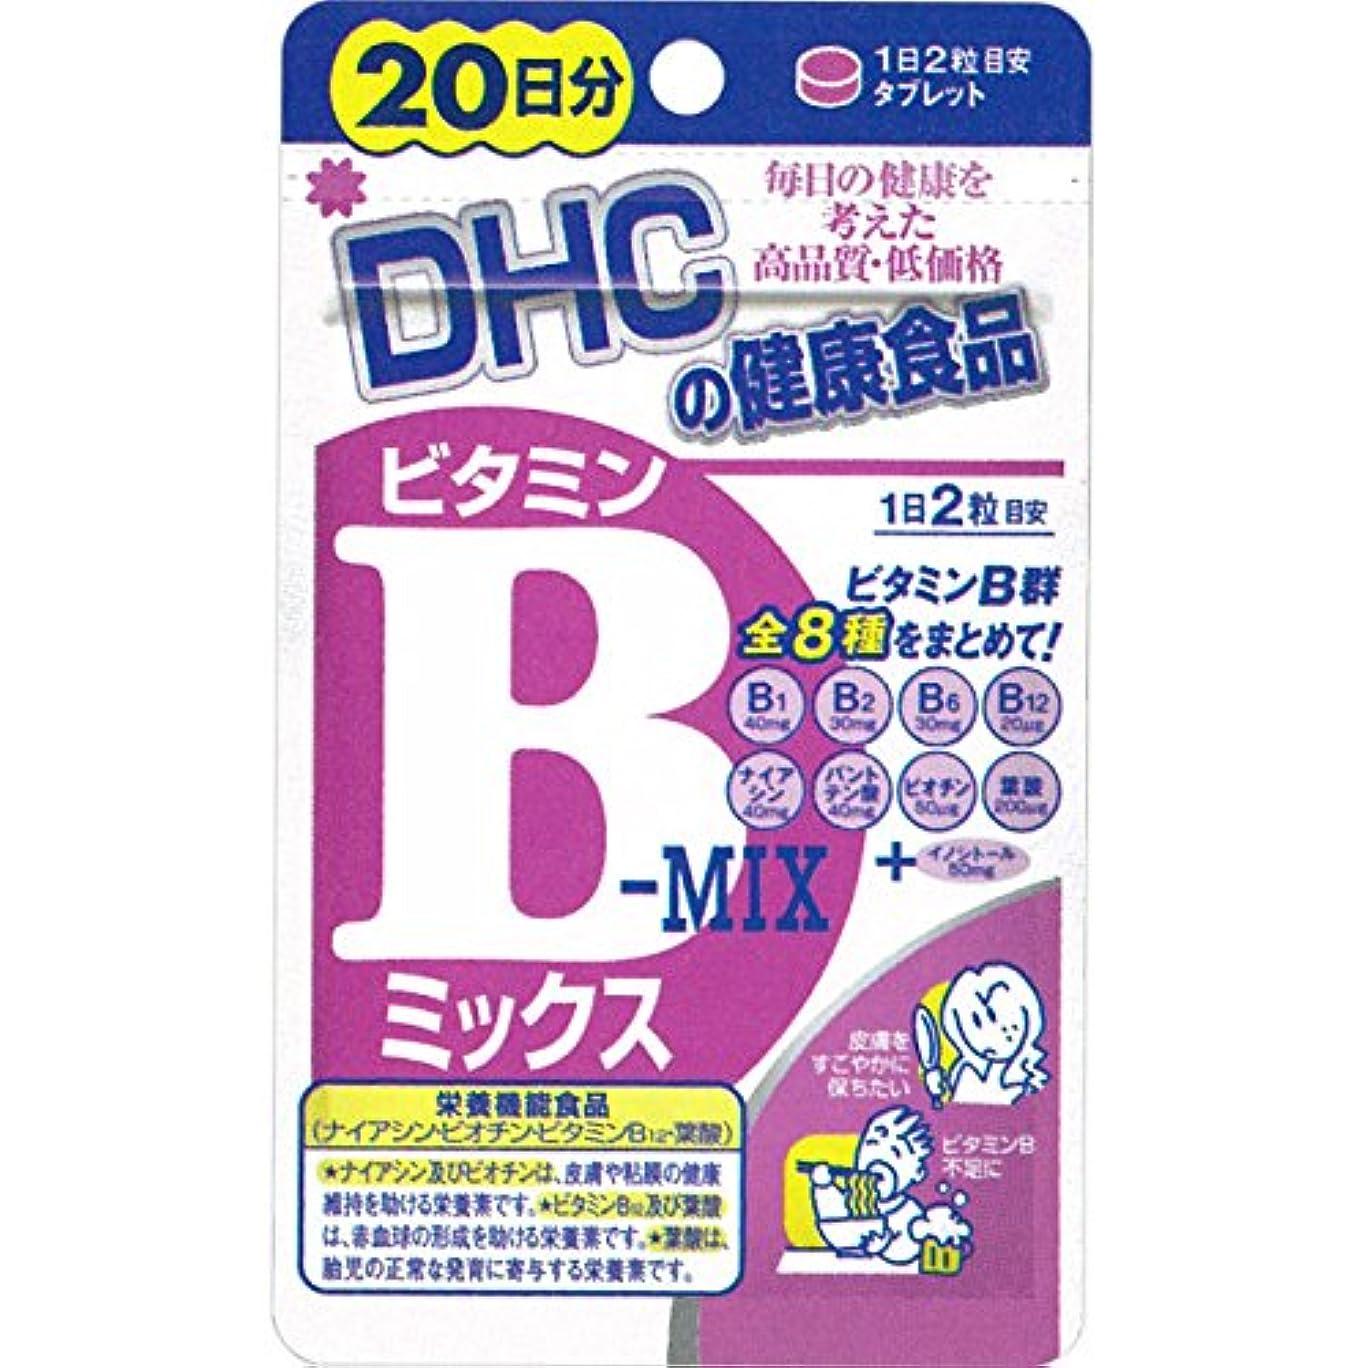 消費者デコラティブ葉を集めるDHC(ディーエイチシー) サプリメント DHC ビタミンB MIX 20日分